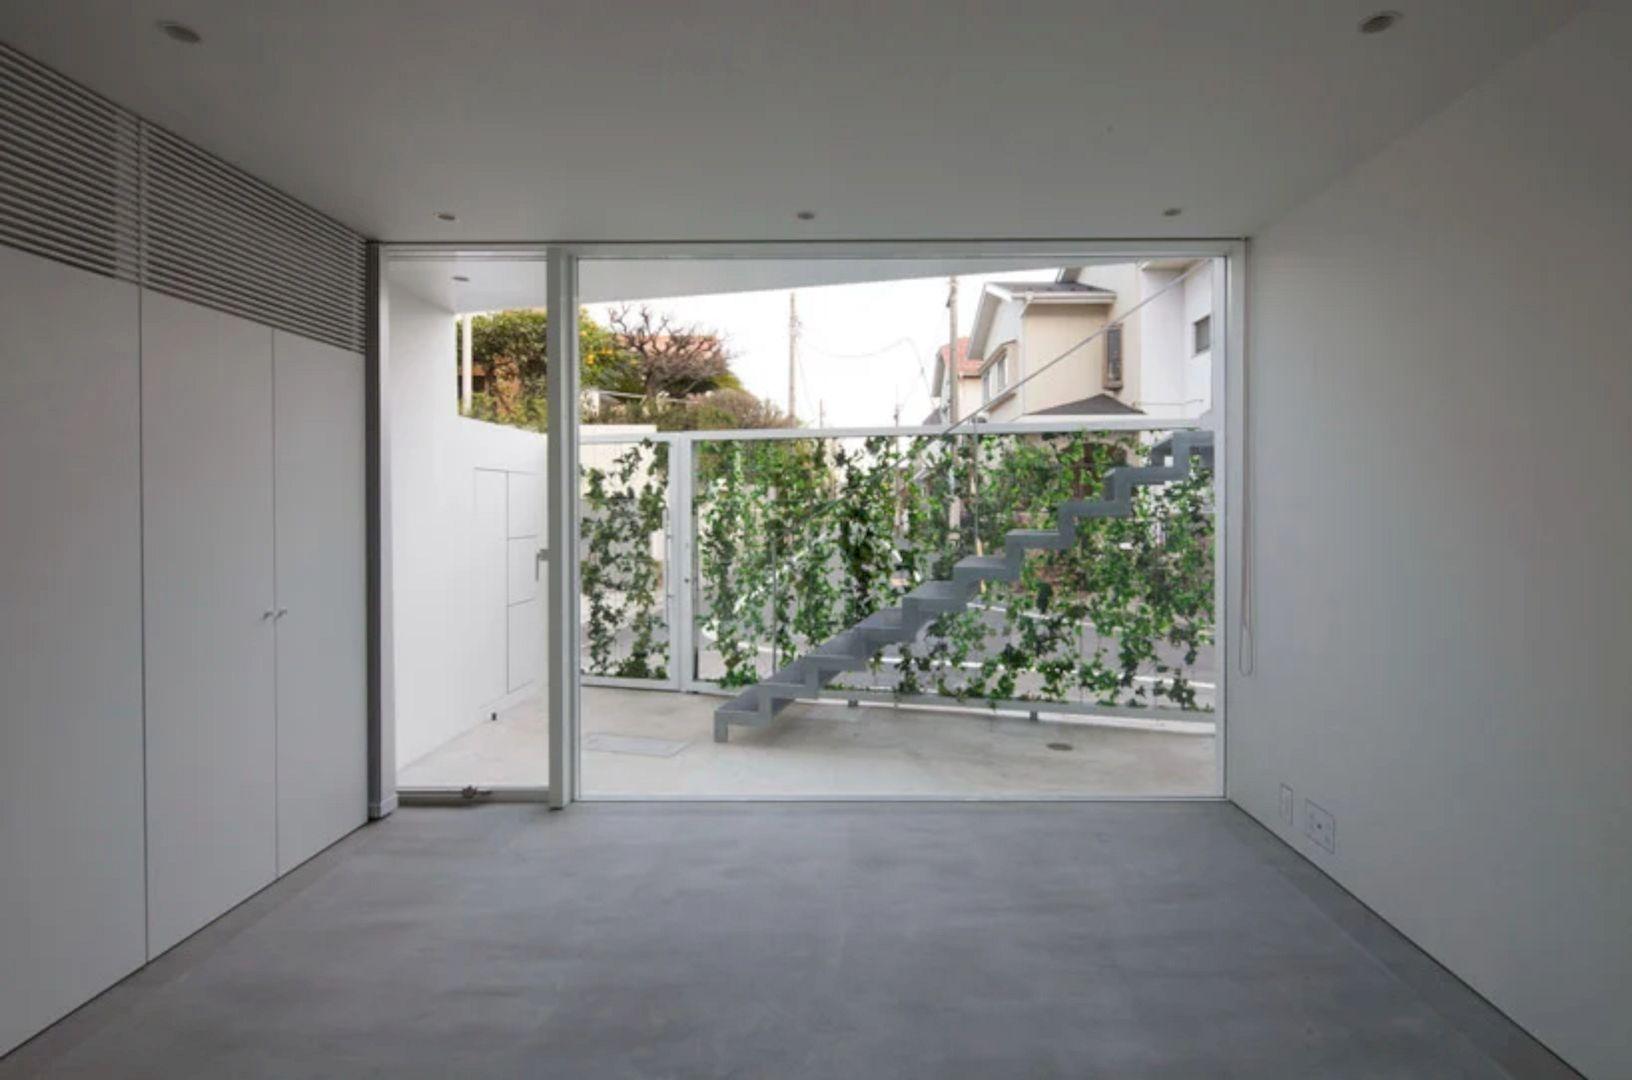 House At Hanegi Park By Shigeru Ban Architects 3